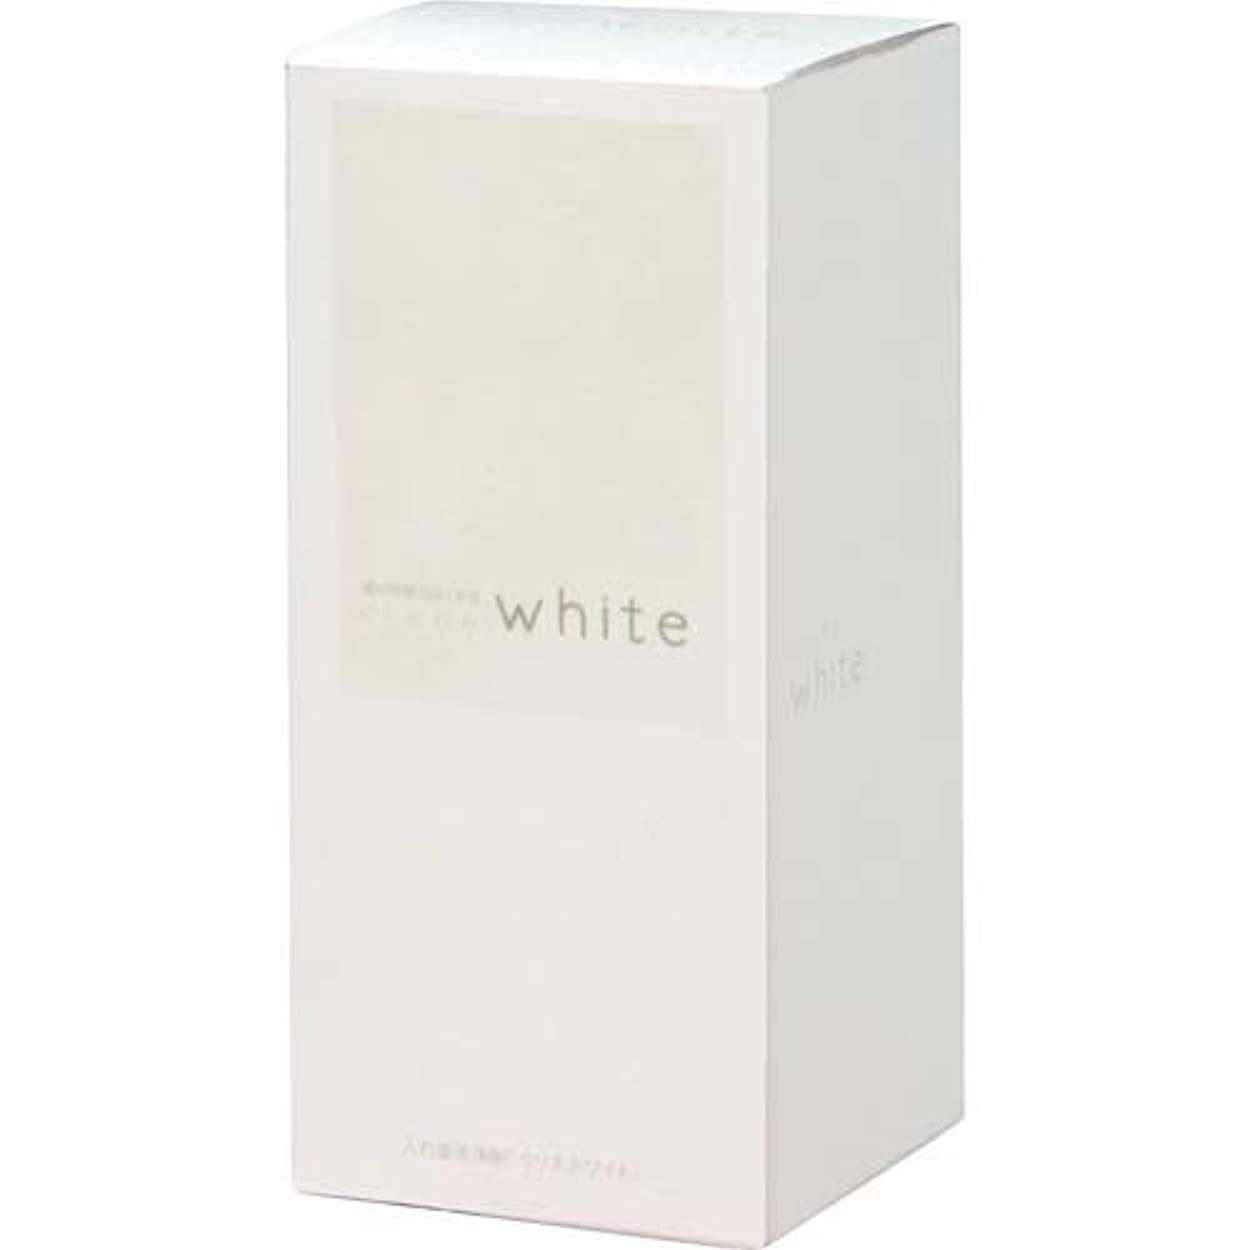 卒業無効市場短い時間で白くする 強力入れ歯洗浄剤 クリネホワイト